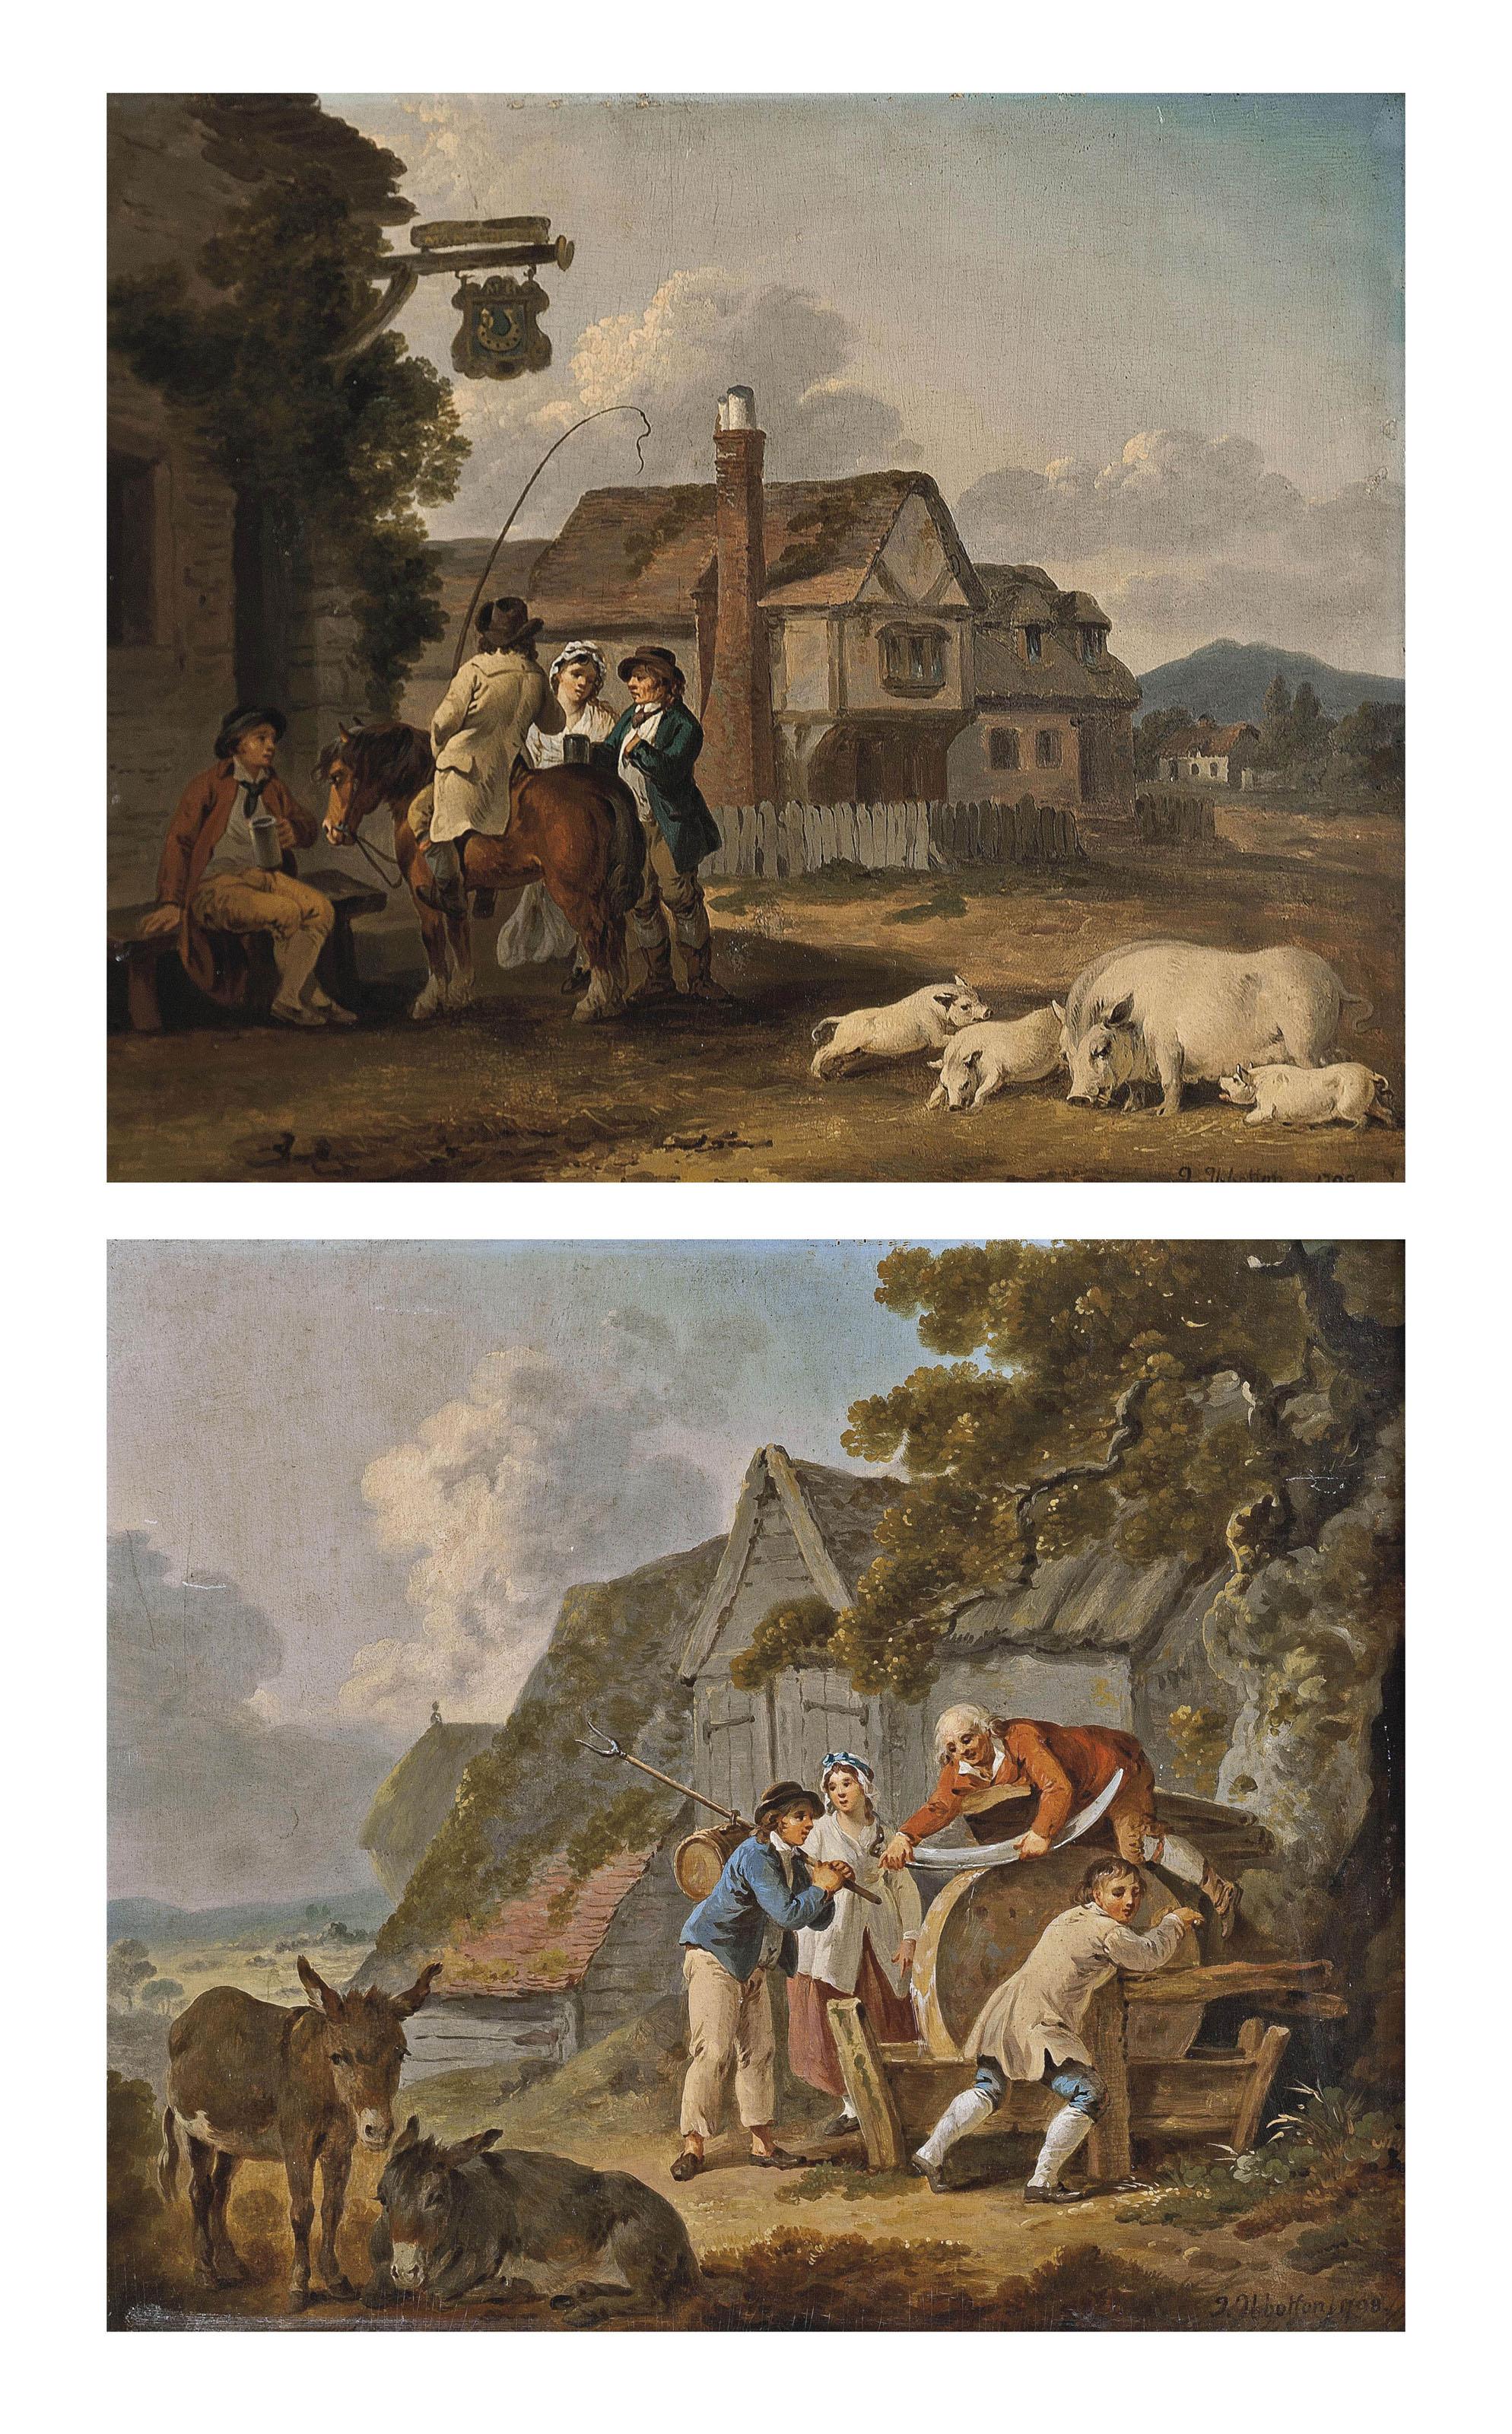 Peter Le Cave (fl. 1790-1810)